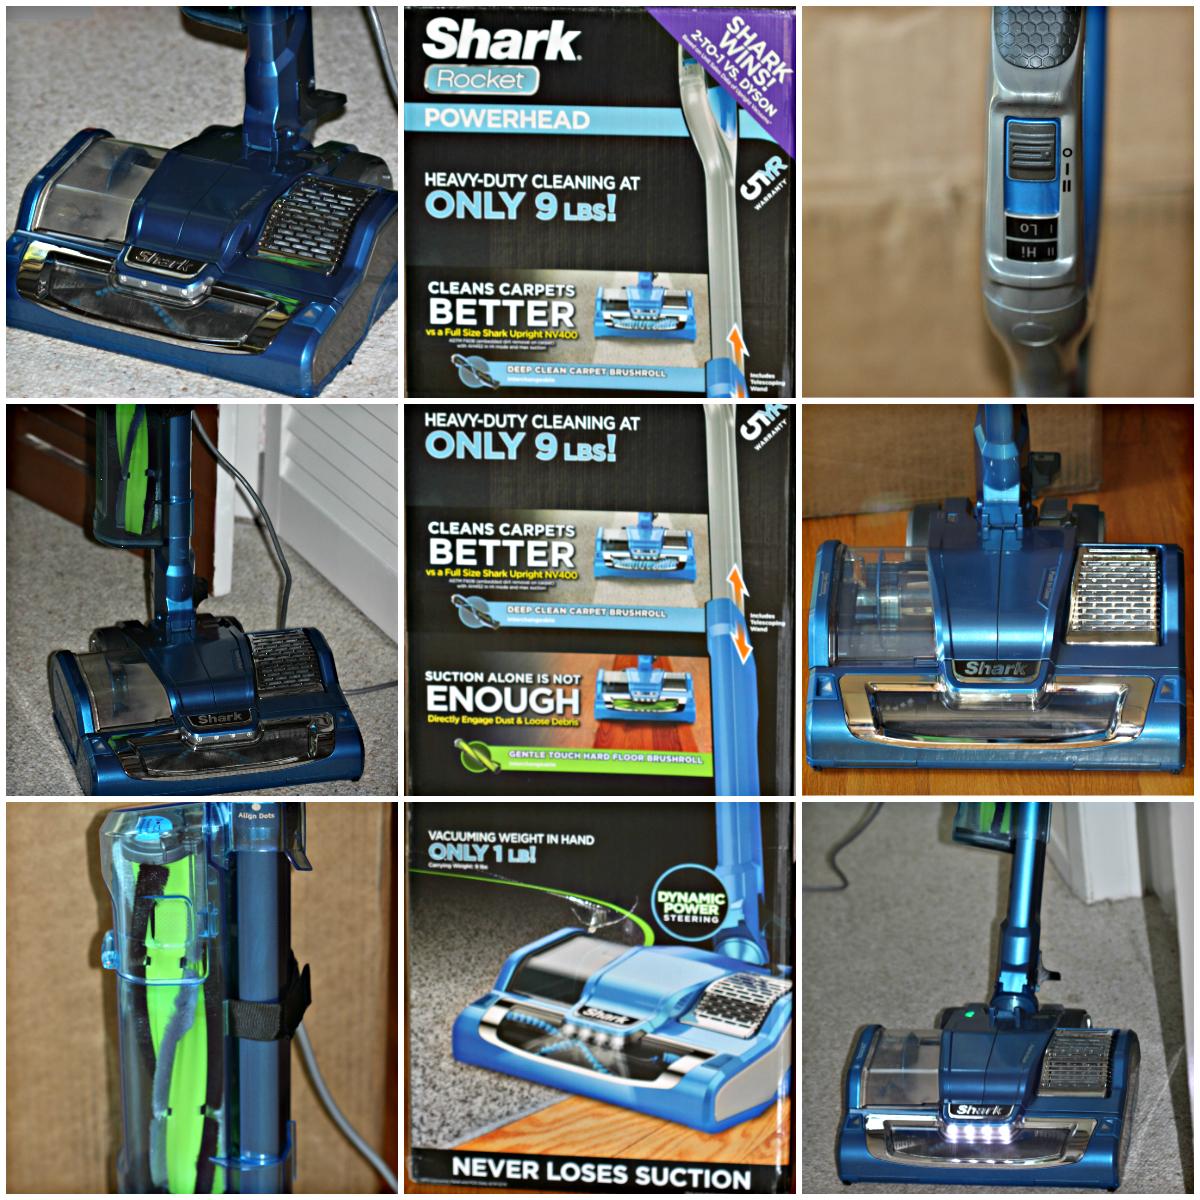 shark rocket powerhead a review